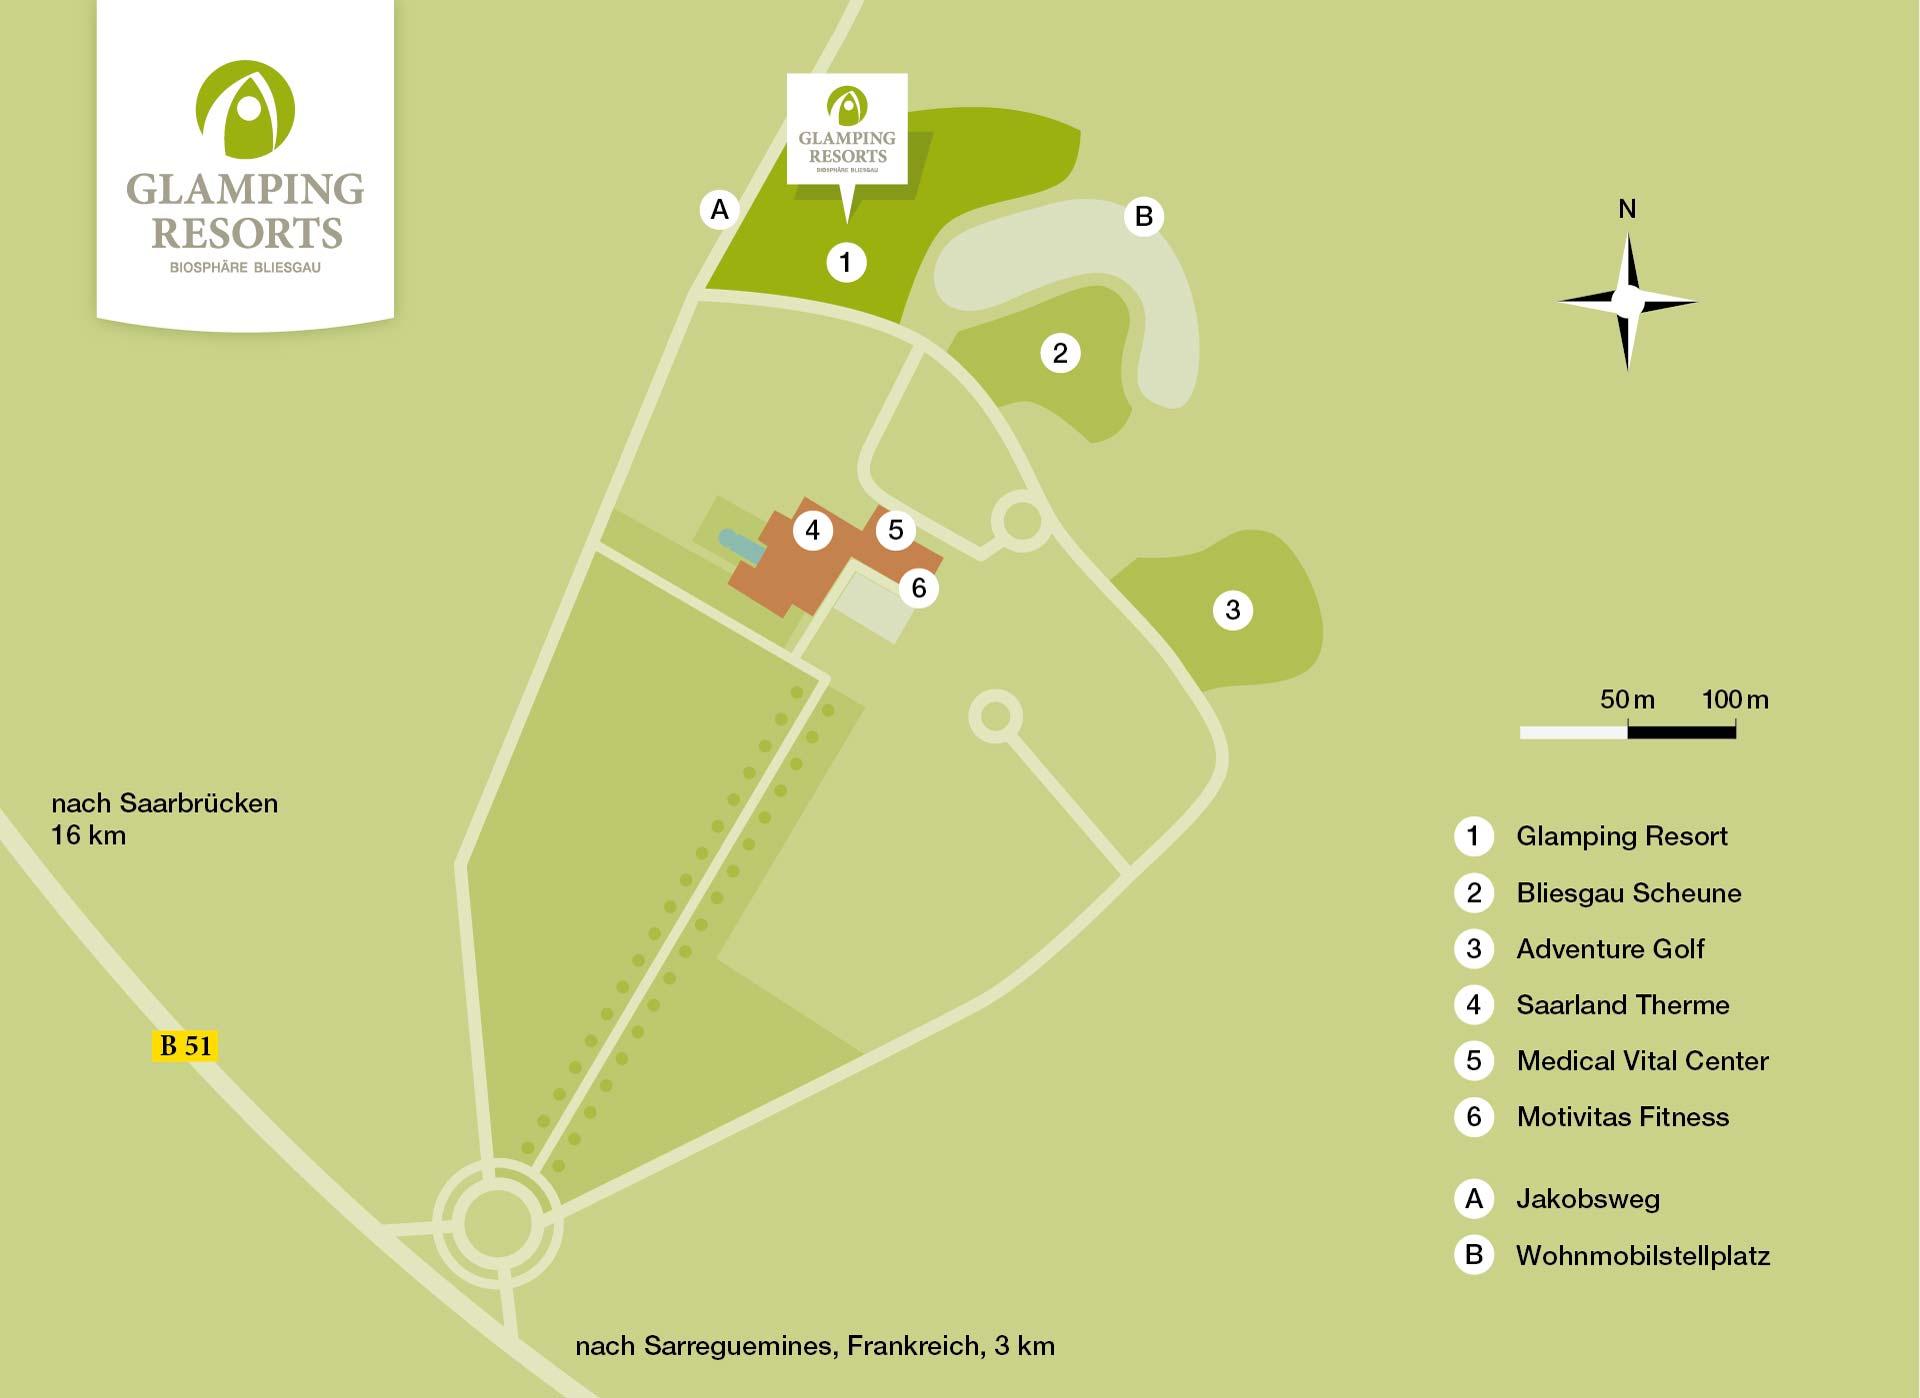 Lageplan mit Entfernungsangaben, Glamping Resort Biosphäre Bliesgau